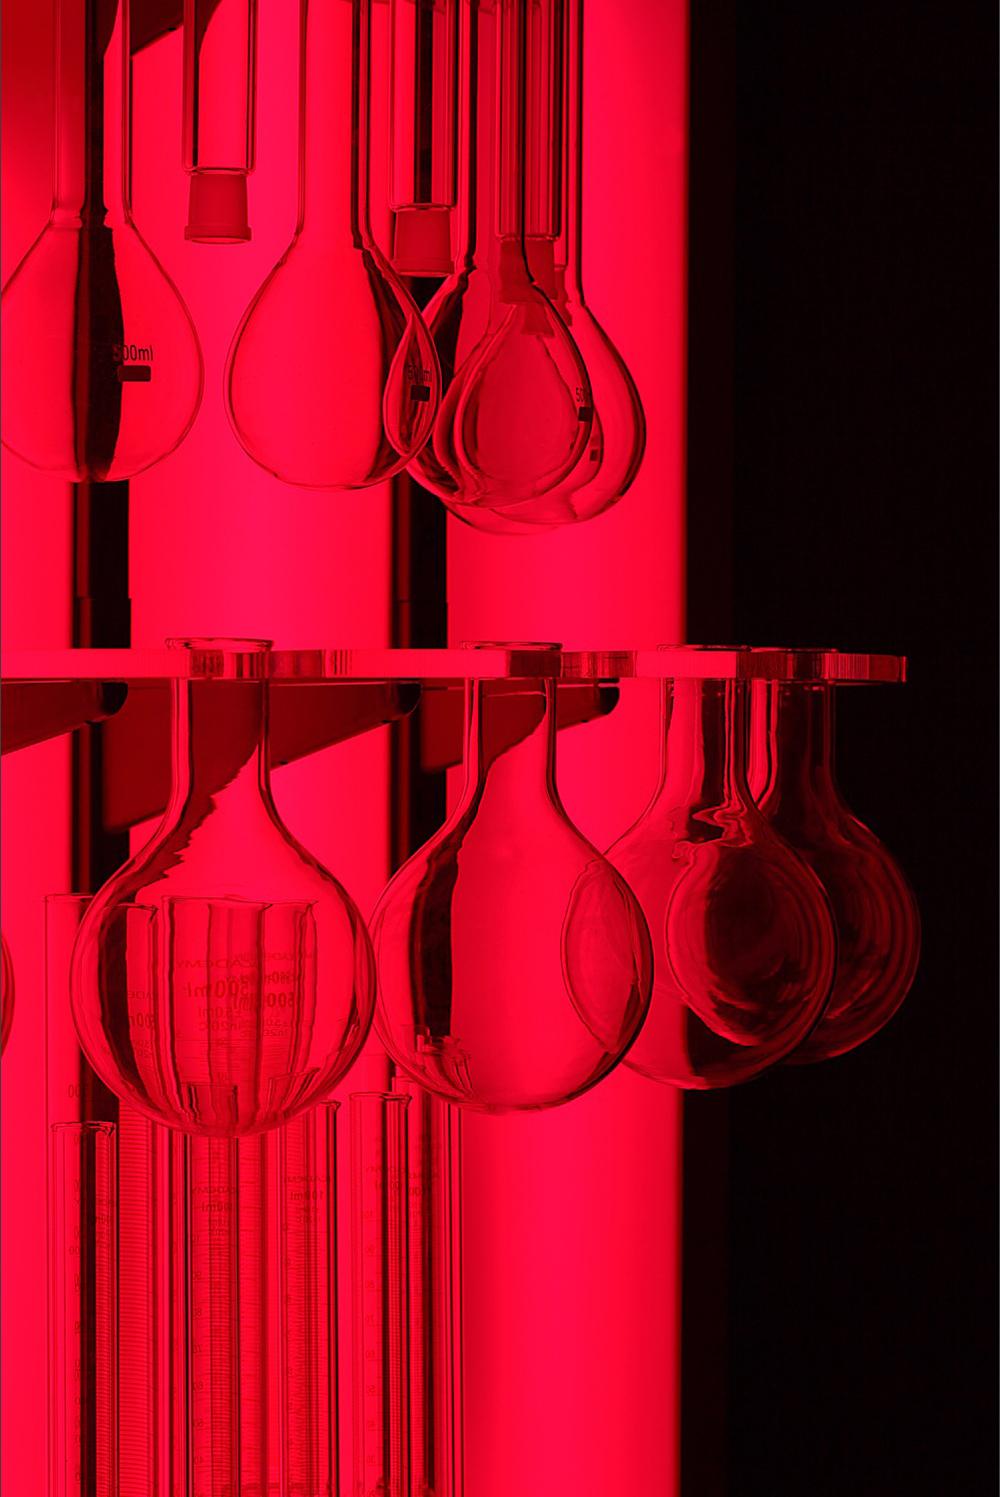 Pinkglassdetail3-gallery.jpg